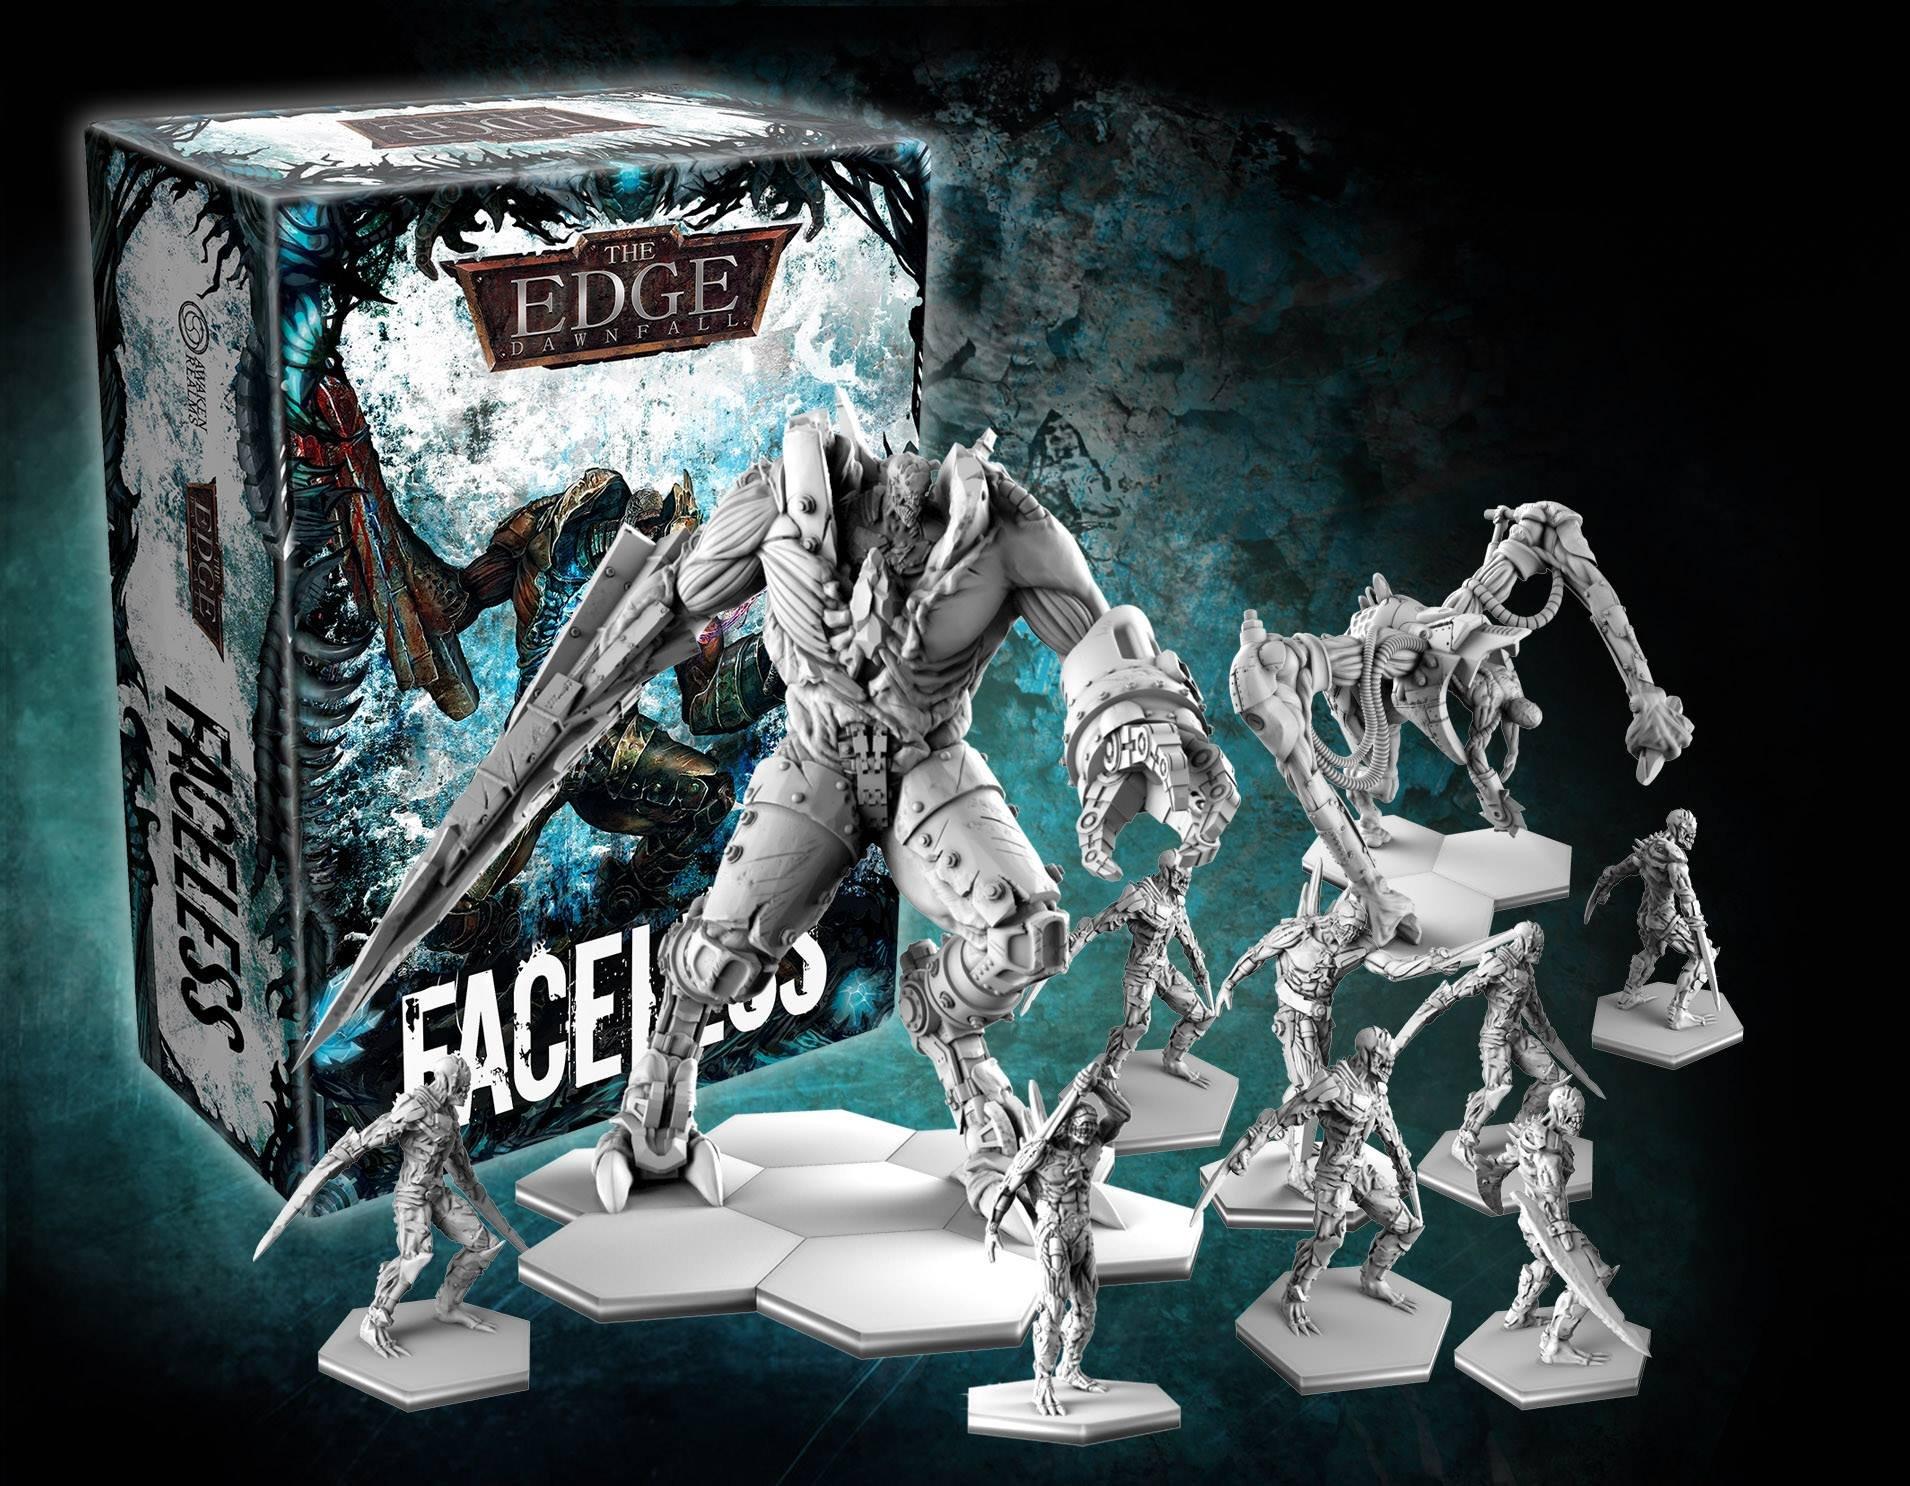 The-Edge-Faceless.jpg